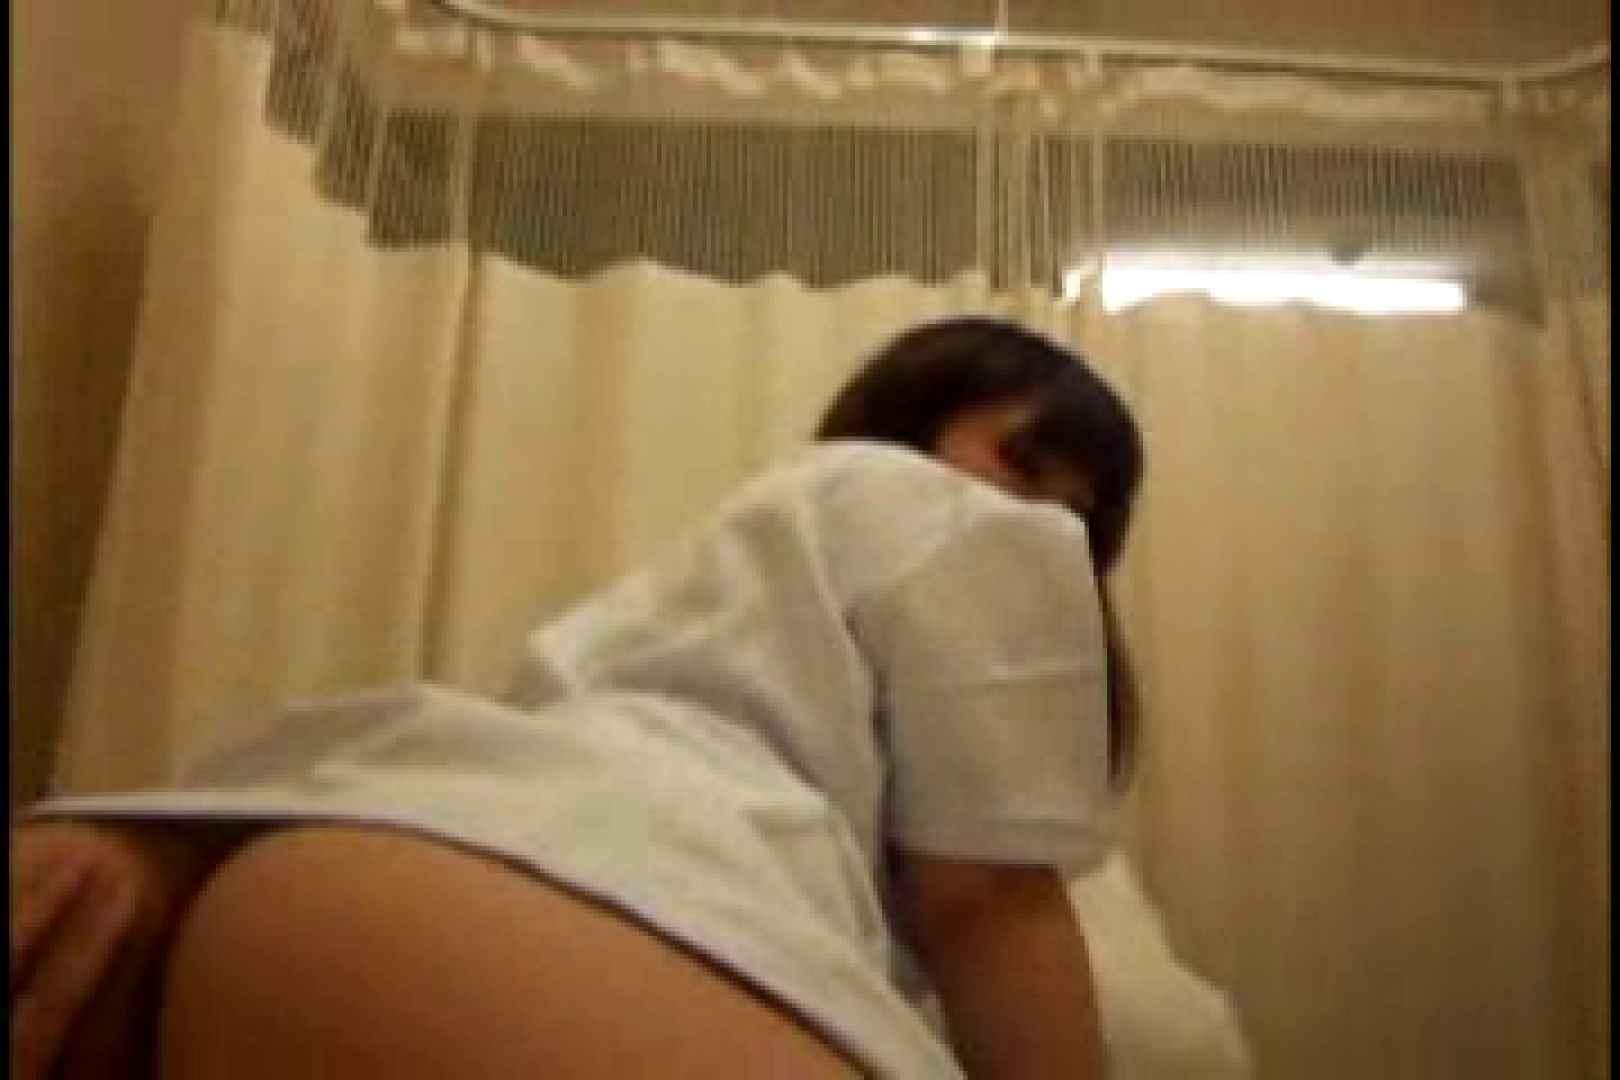 ヤリマンと呼ばれた看護士さんvol2 エッチなOL   一般投稿  77pic 70